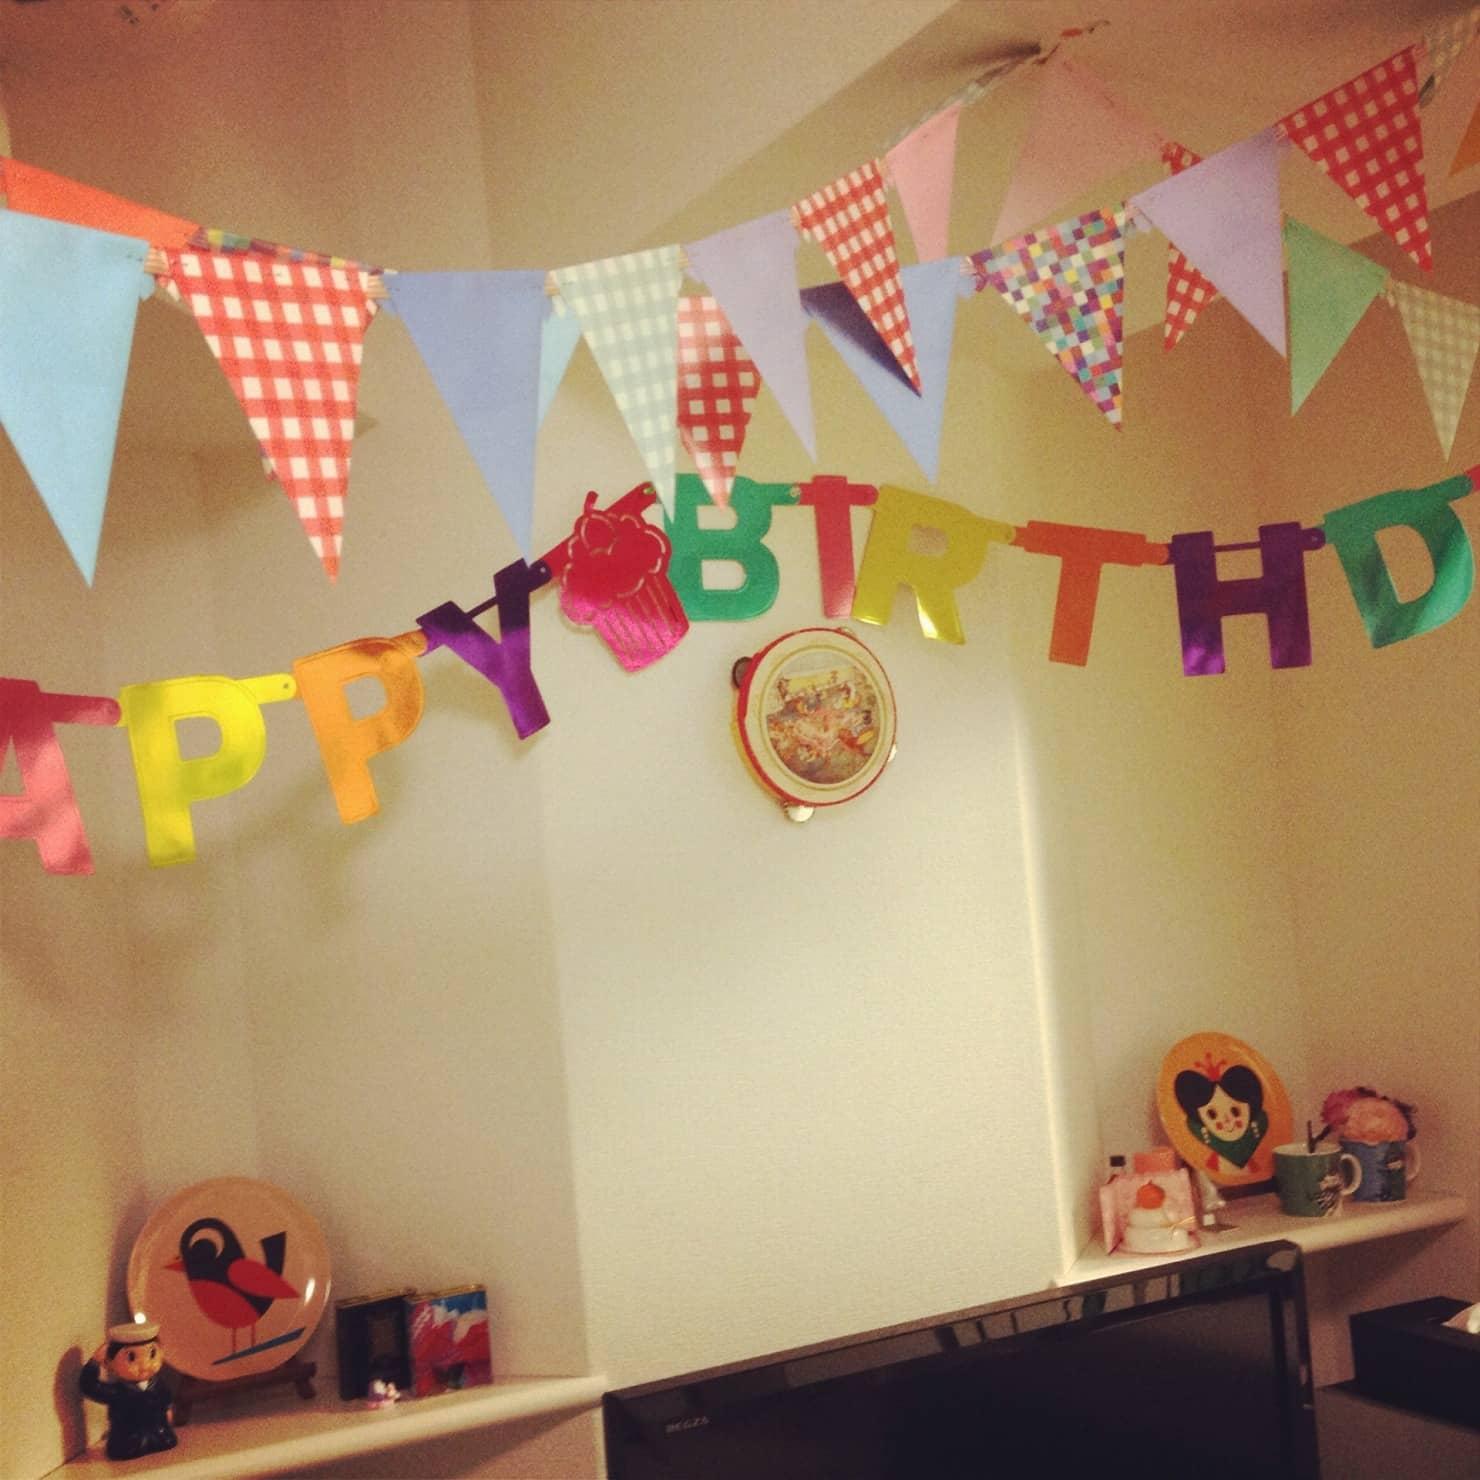 子供の誕生日の飾り付けアイディア! 100均や身近なアイテムでも華やかに!